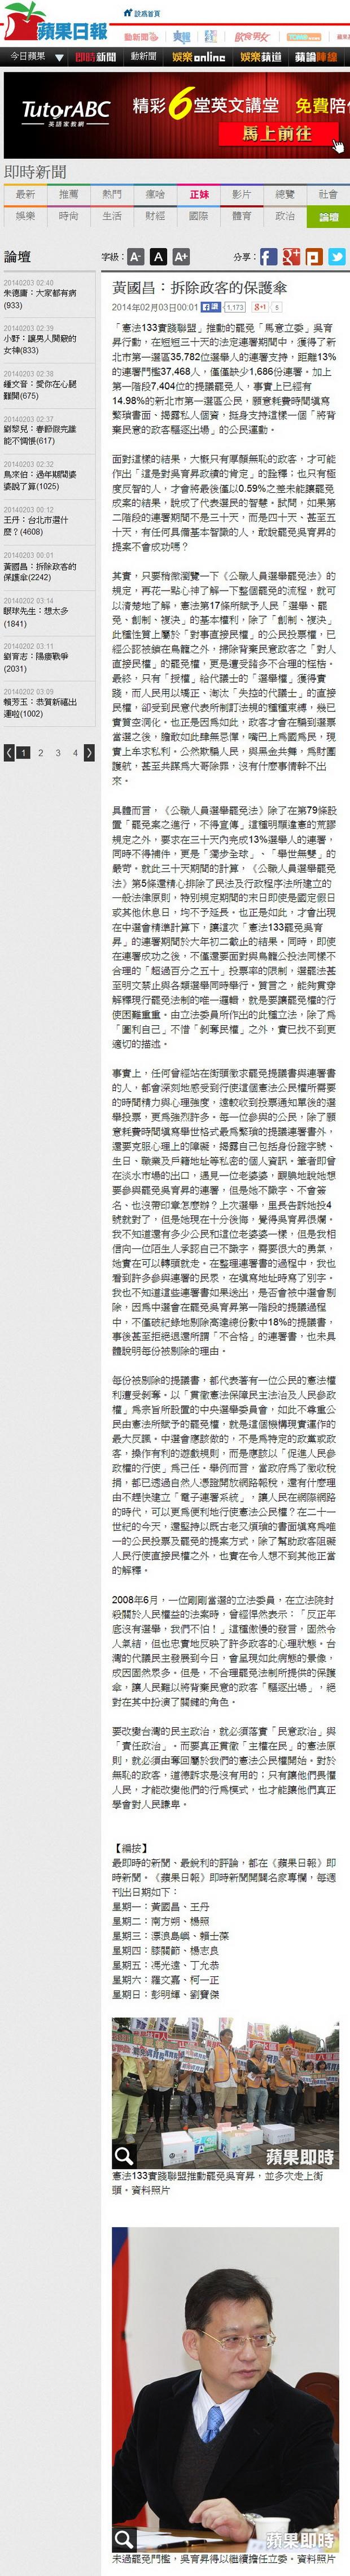 黃國昌:拆除政客的保護傘-2014.02.03.jpg